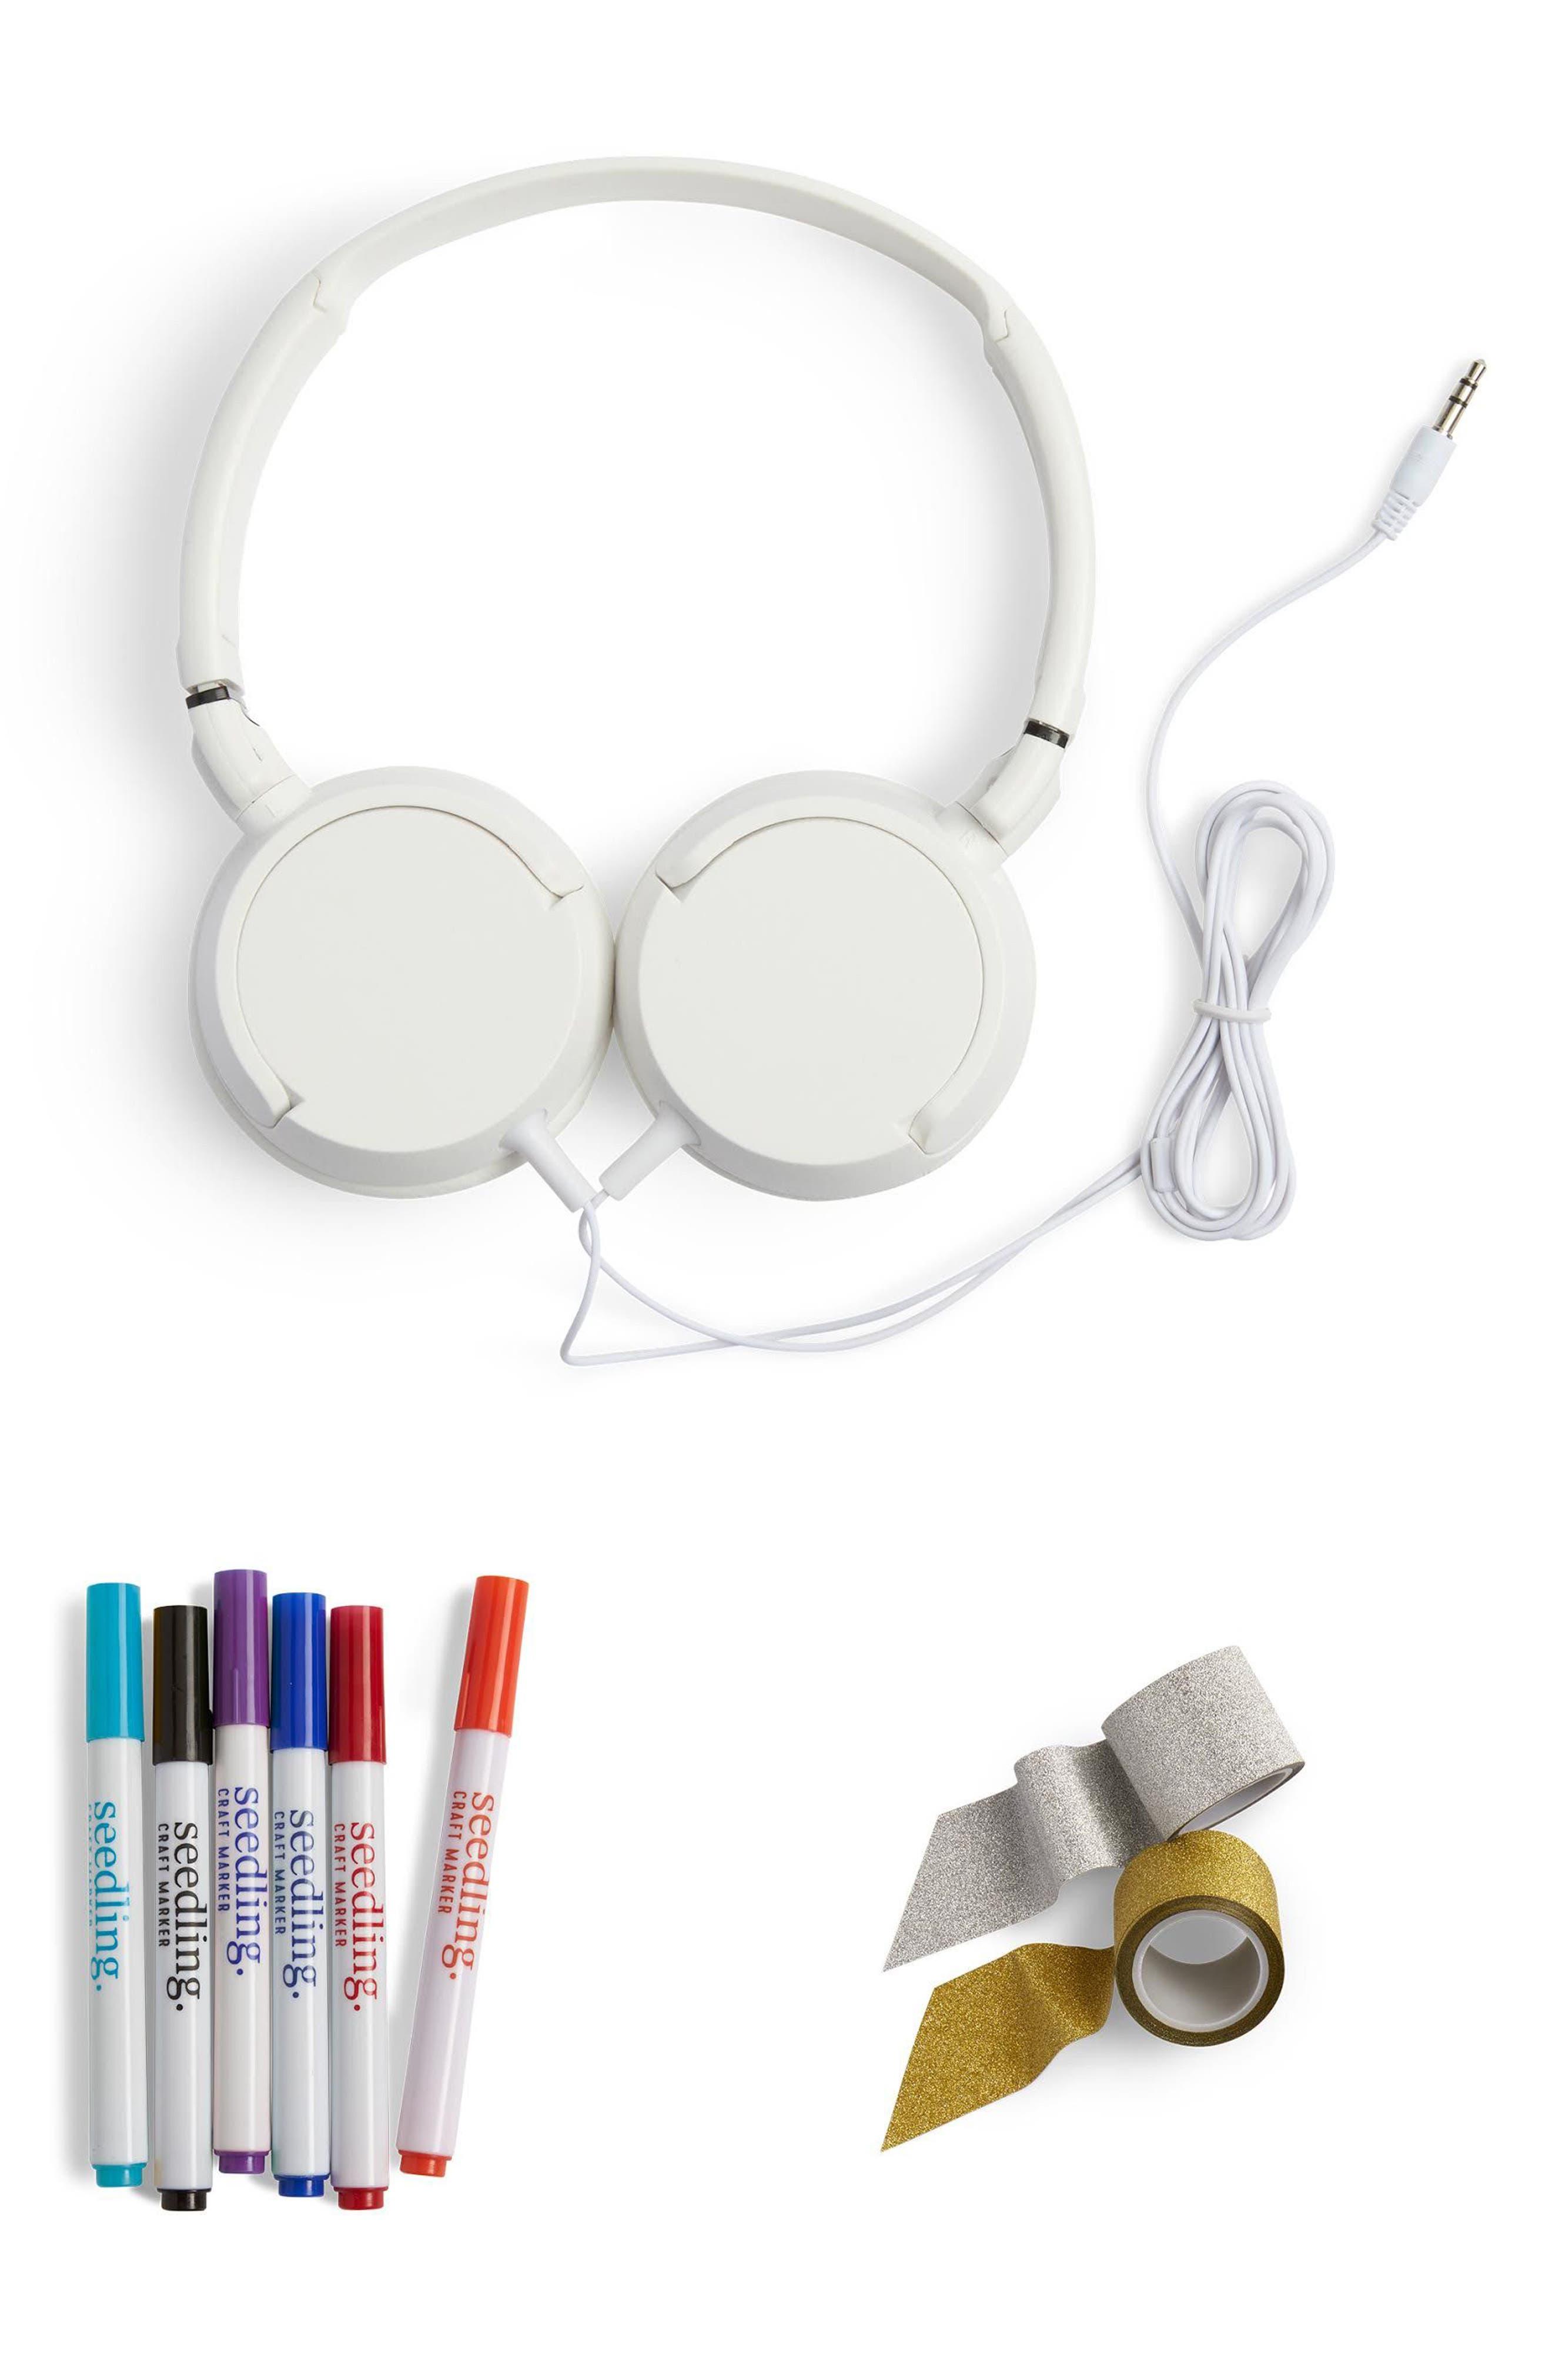 seedling Design Your Own Headphones Kit